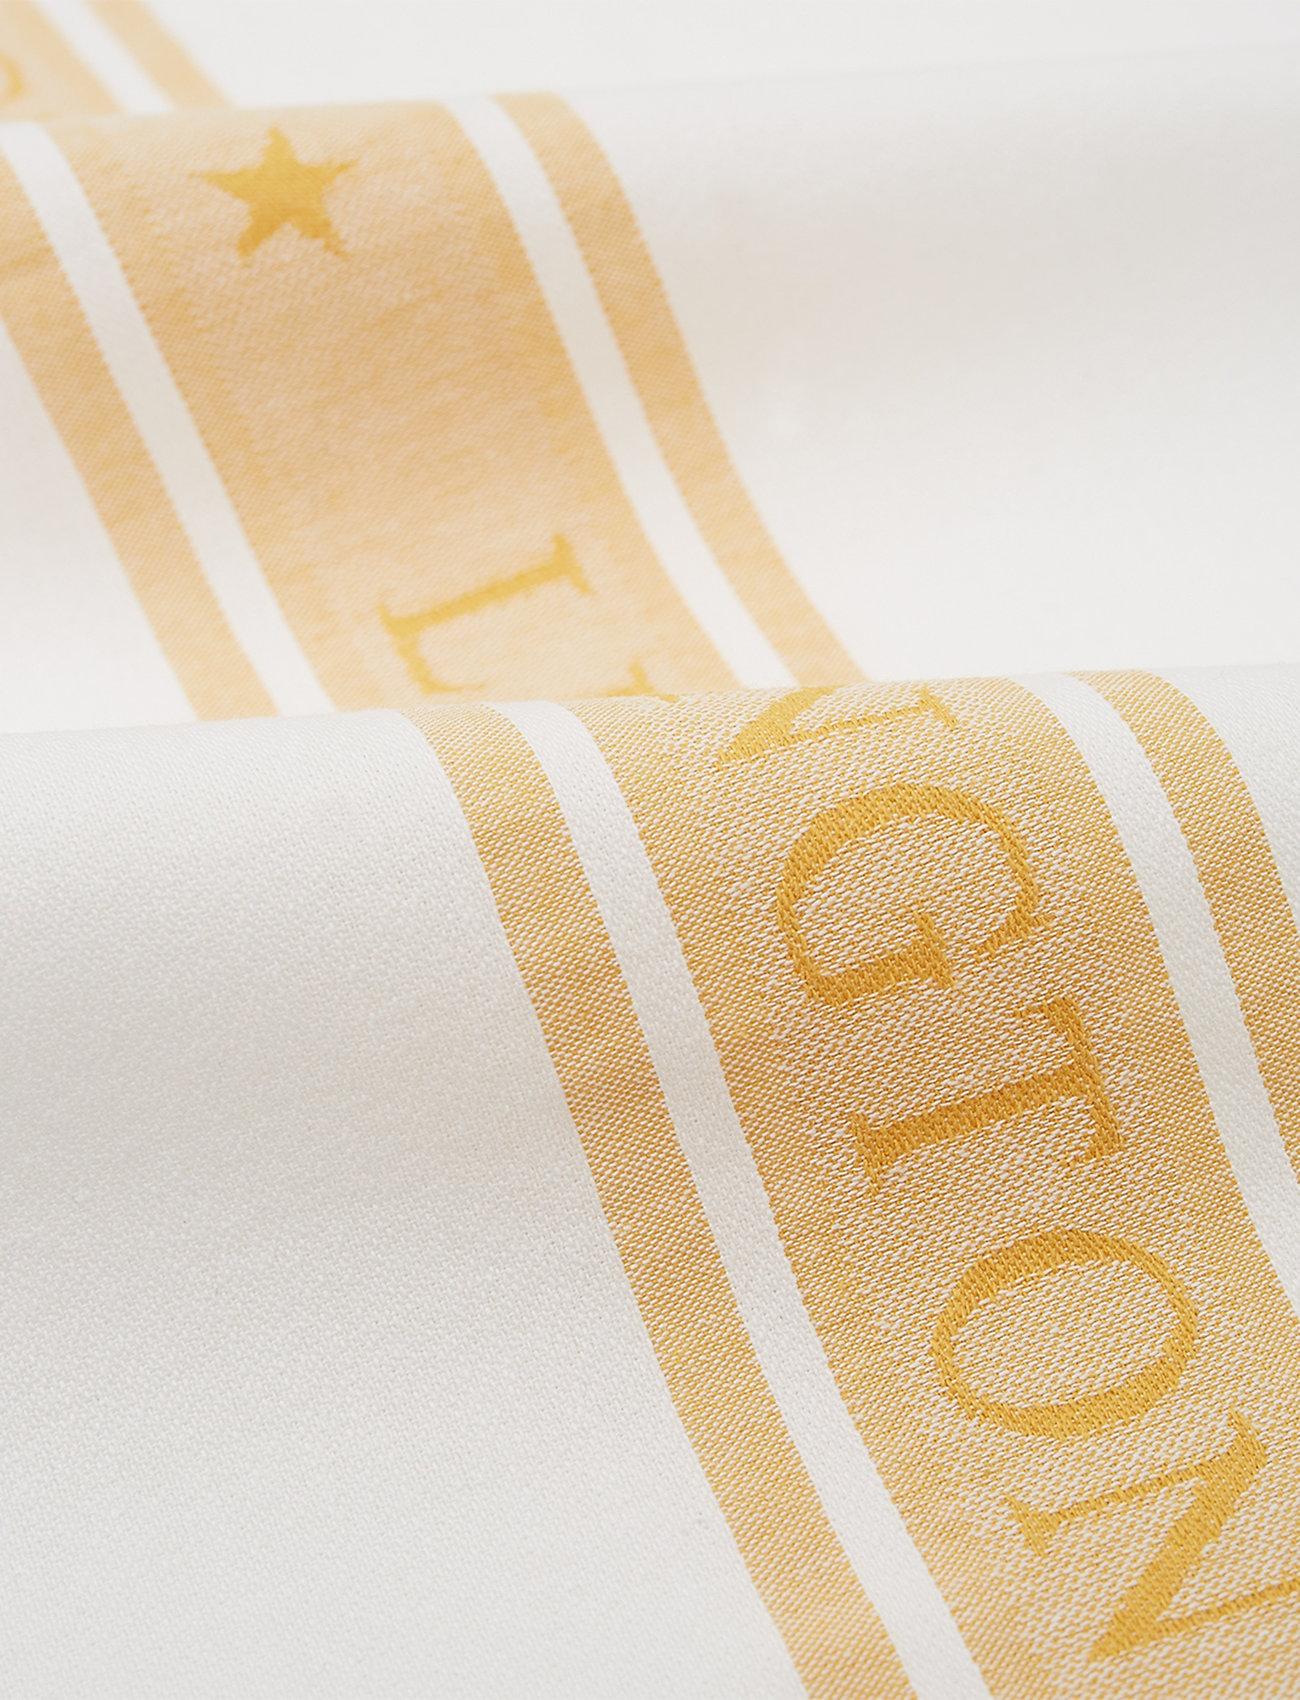 Lexington Home - Icons Cotton Jacquard Star Kitchen Towel - keittiöpyyhkeet - white/yellow - 1